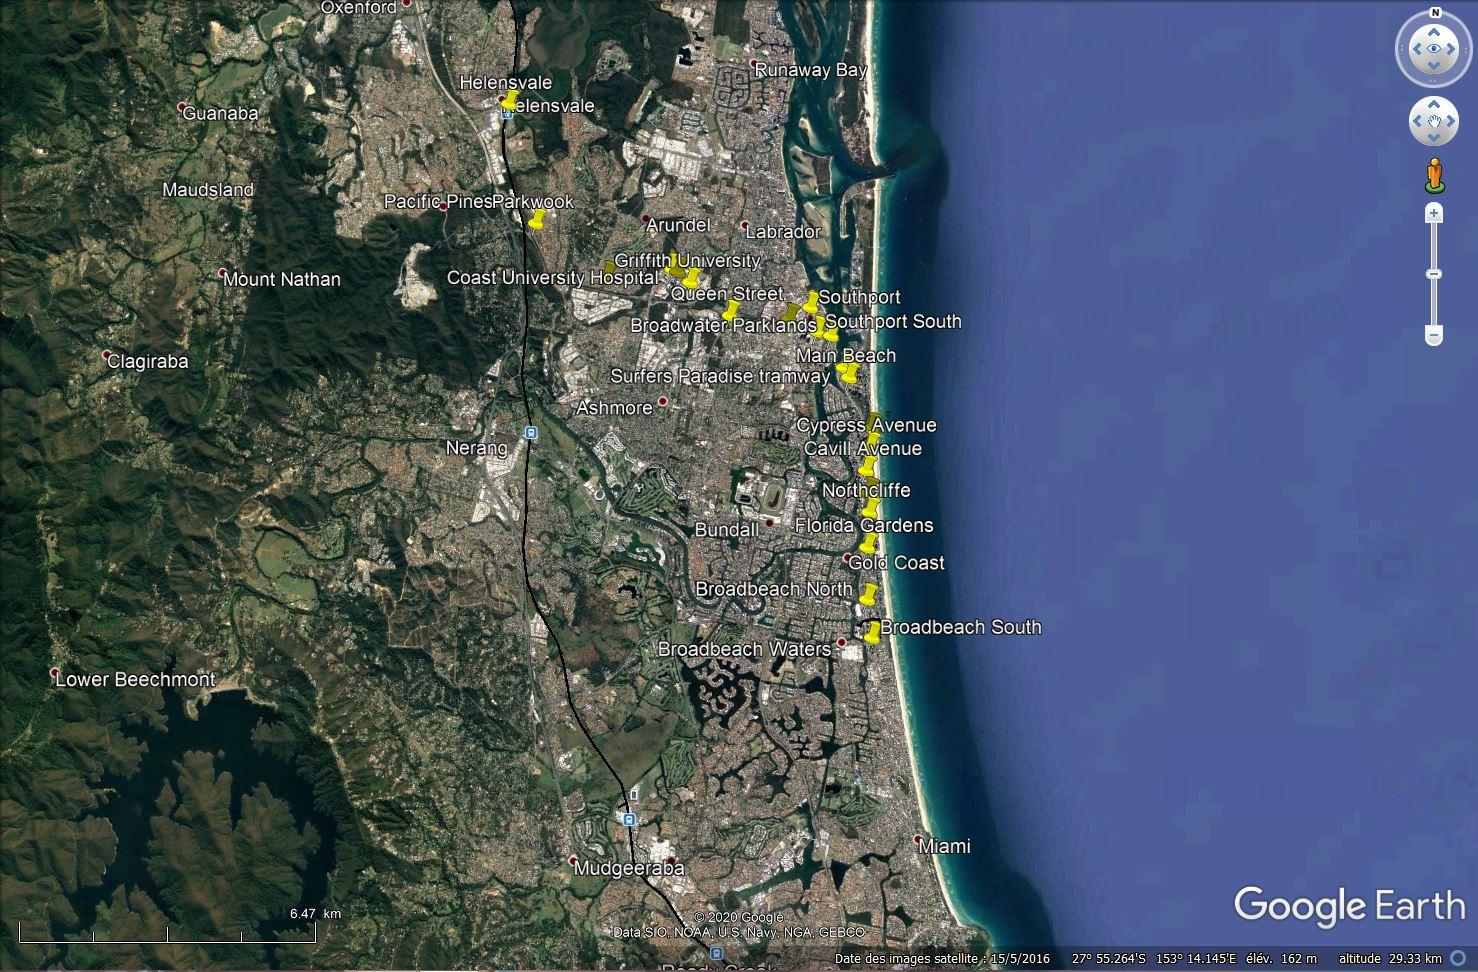 RideTheG - Le direct pour les plages de la Gold Coast Tsge1384